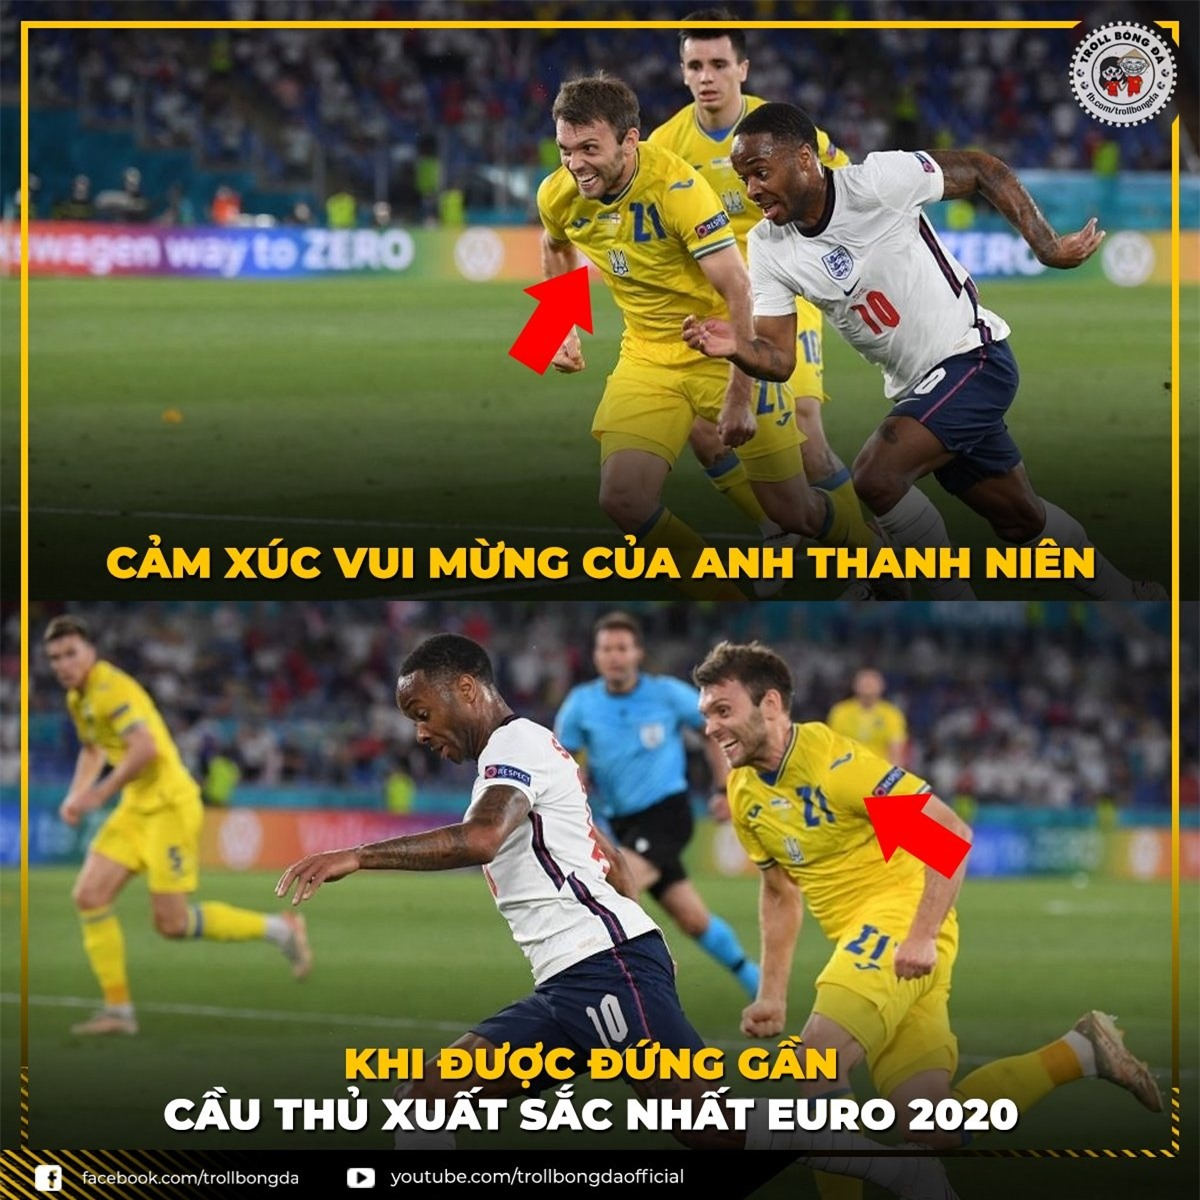 Nếu ĐT Anh vô địch EURO 2021, Raheem Sterling sẽ nhận danh hiệu Cầu thủ xuất sắc nhất? (Ảnh: Troll Bóng Đá)